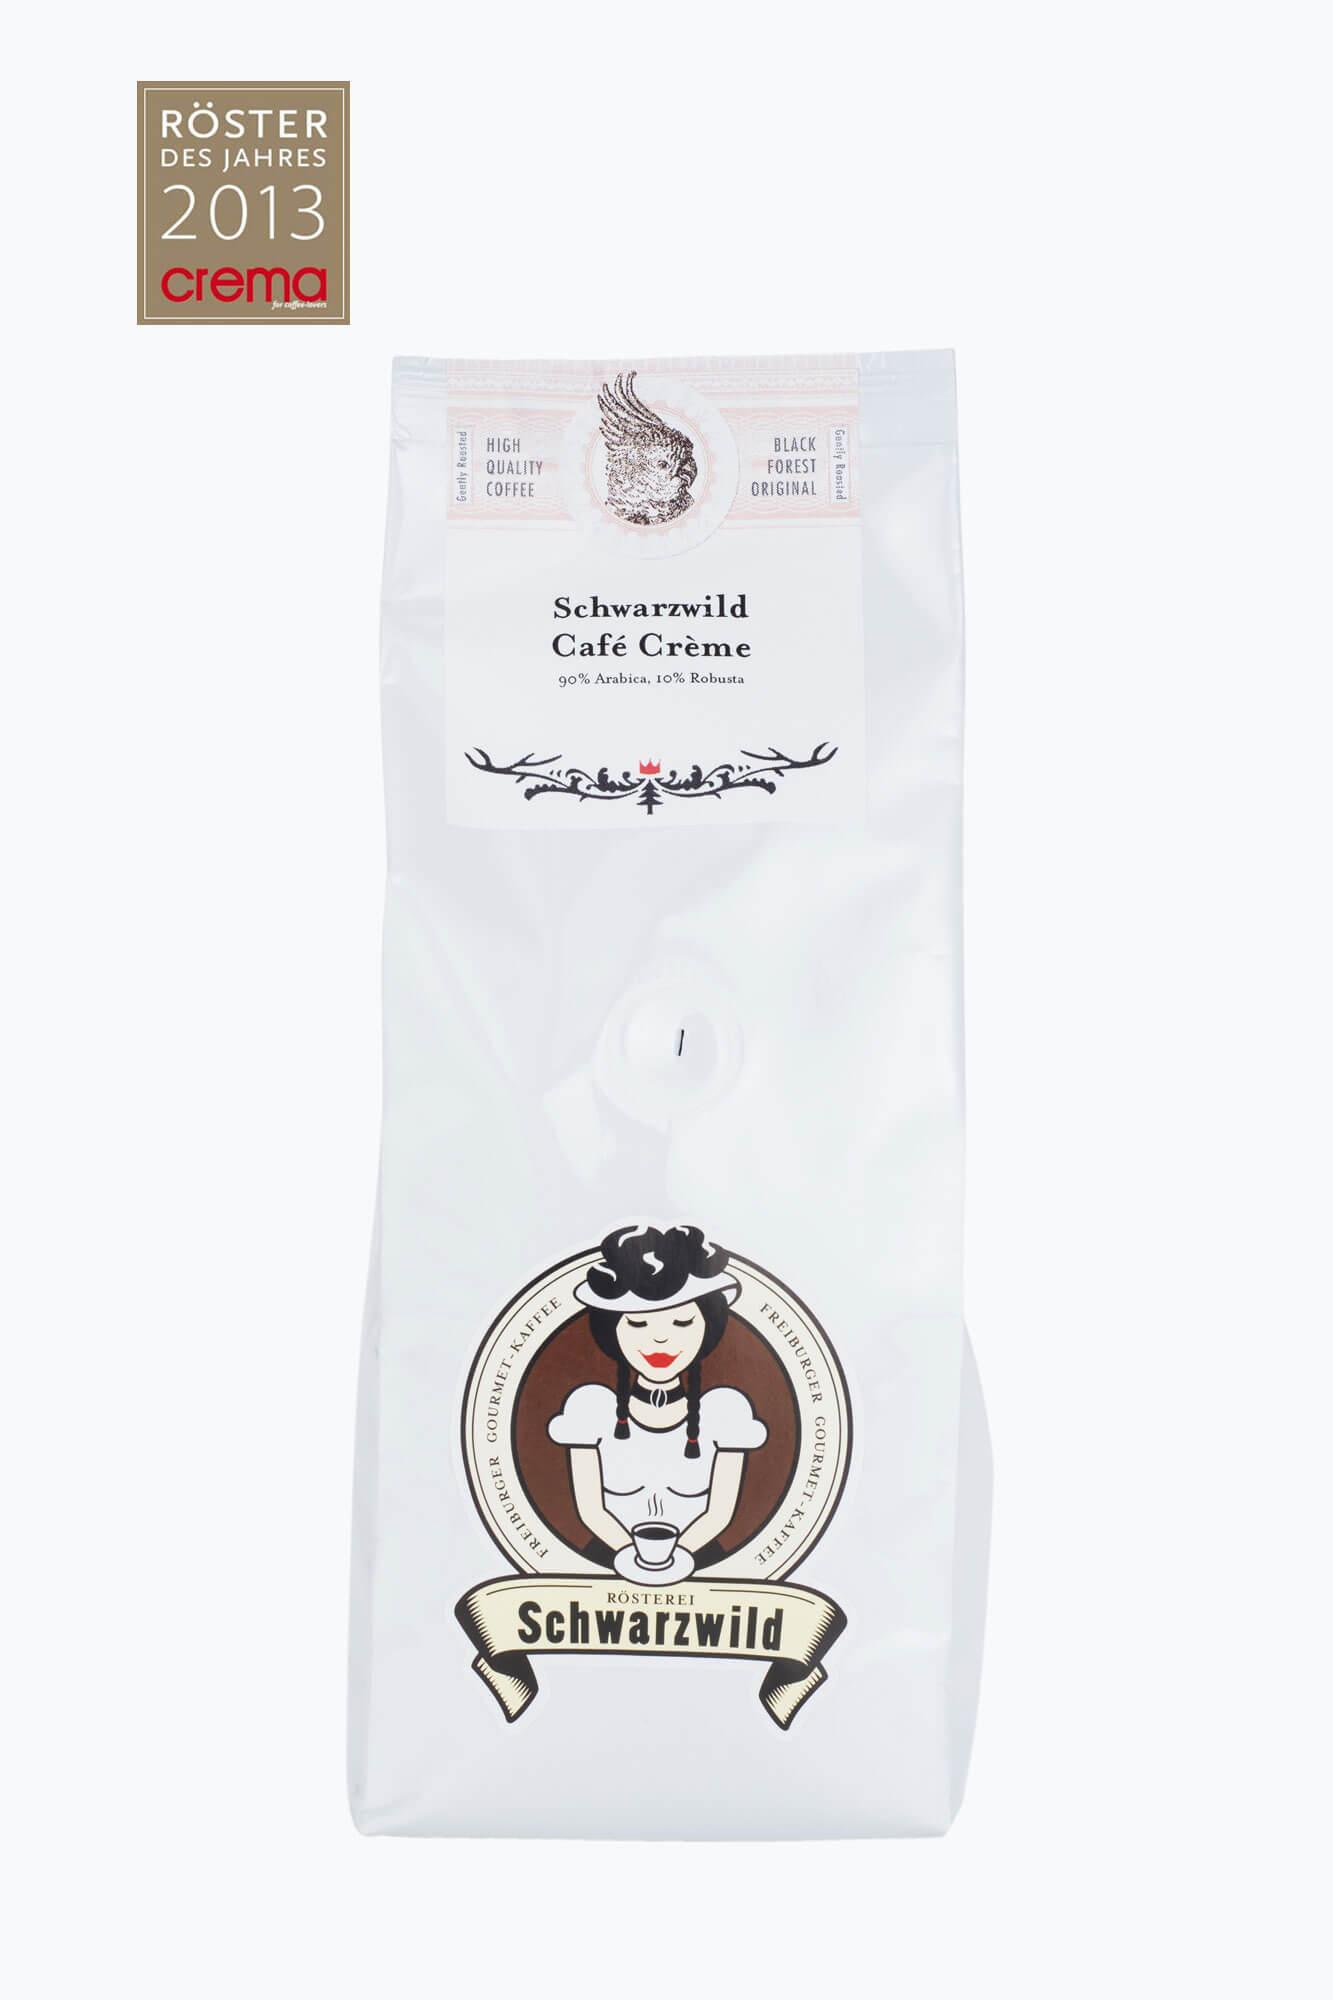 Schwarzwild Café Crème